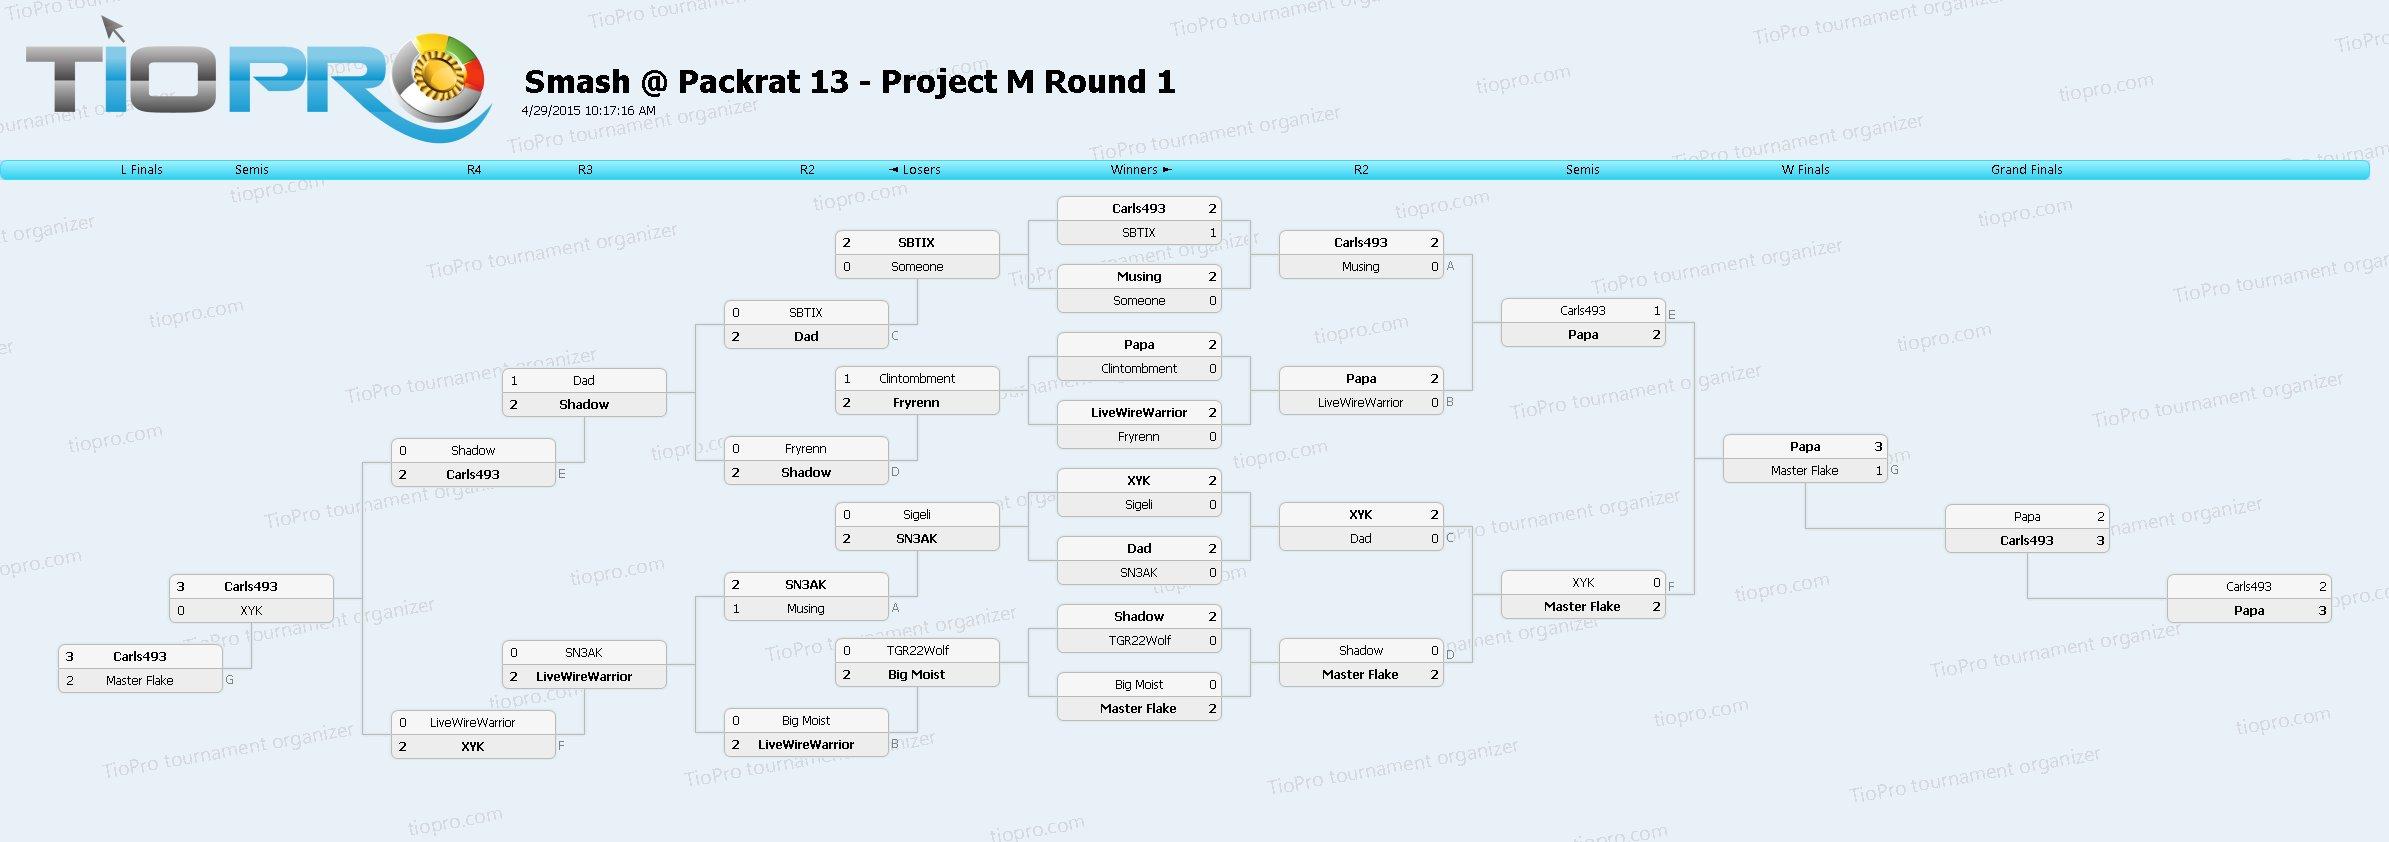 Smash @ Packrat 13 Project M